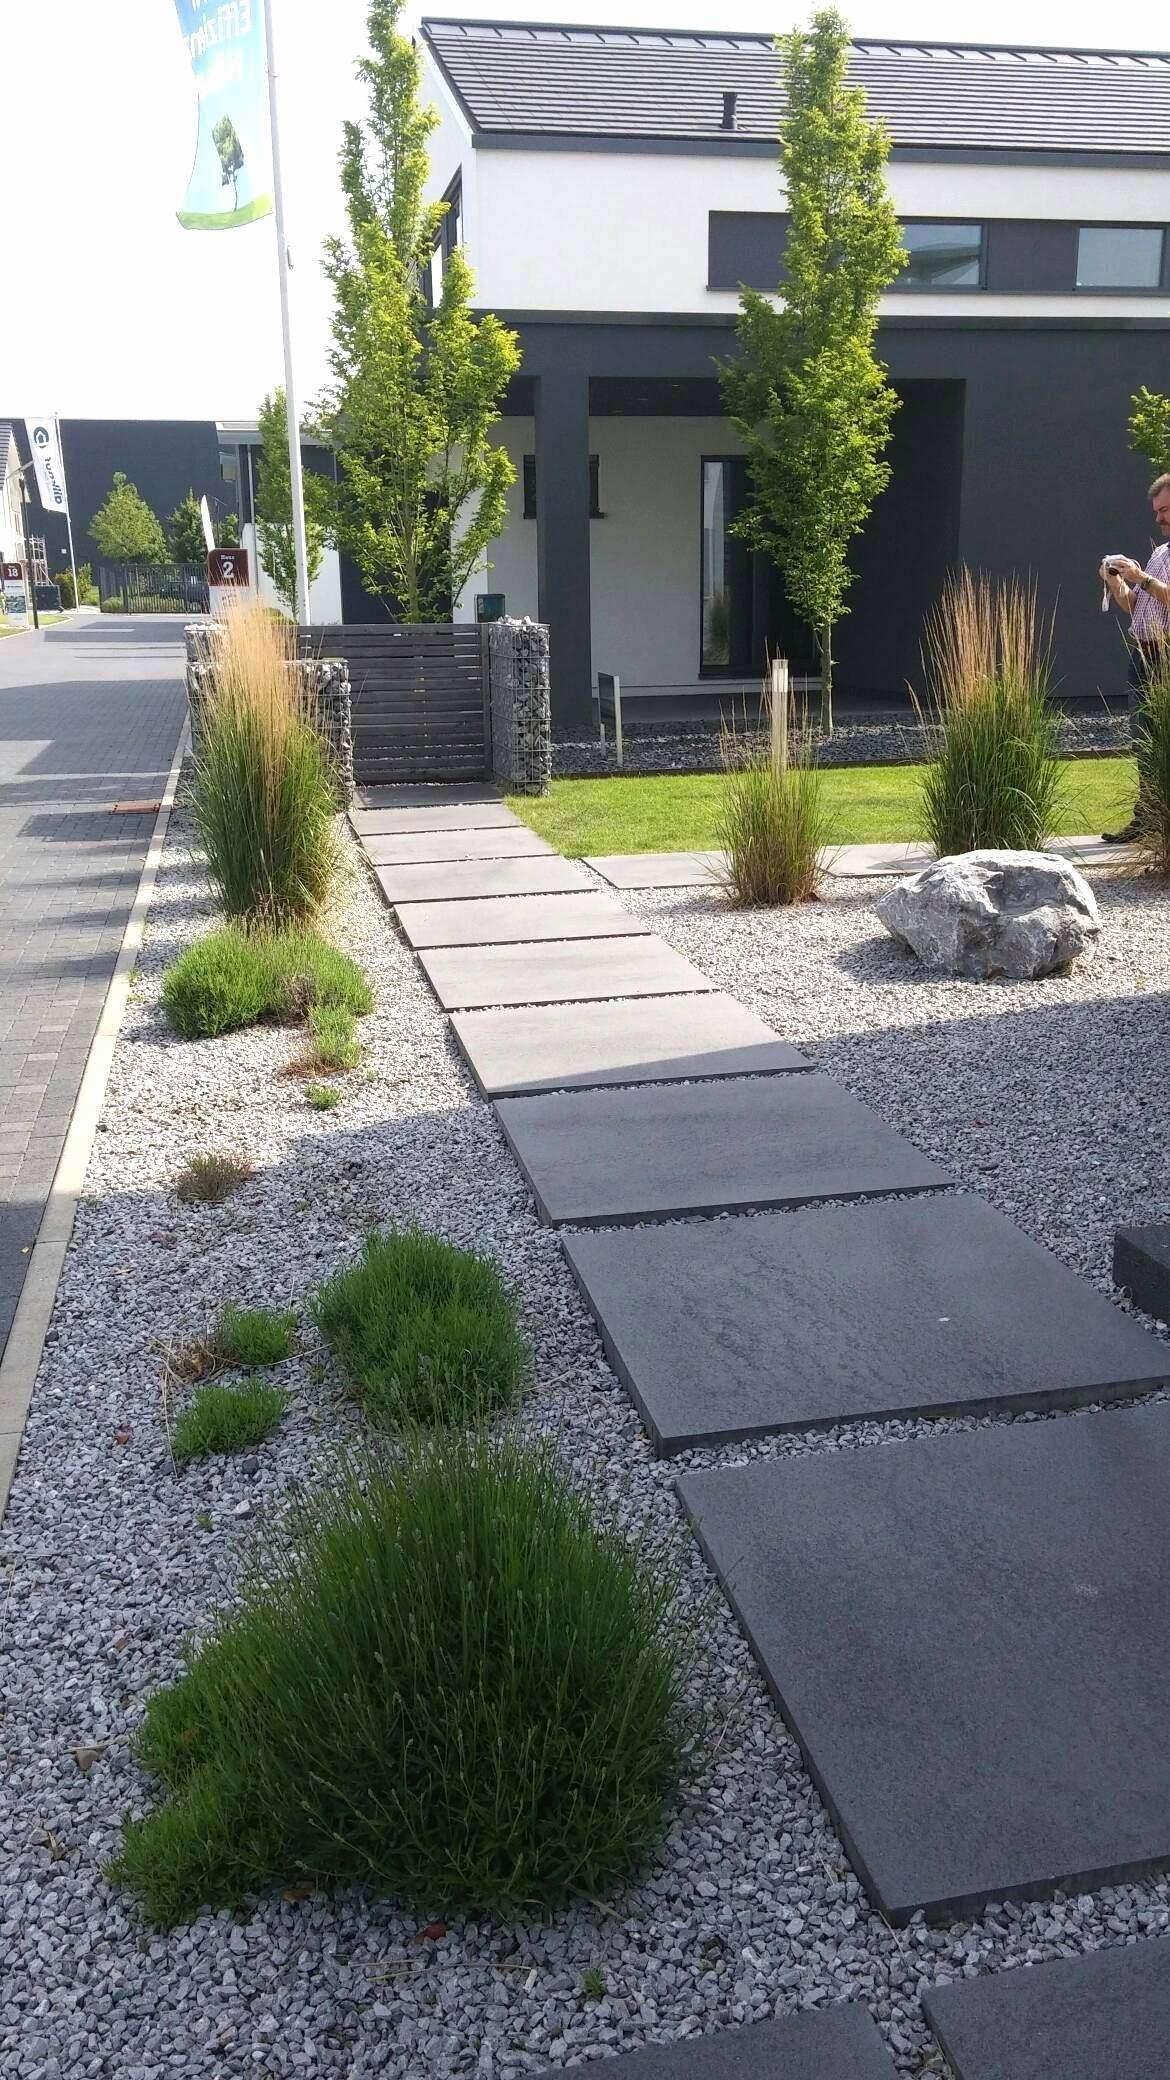 Japanischen Garten Anlegen Elegant Gartengestaltung Kleiner Garten Einzigartig Garten Ideas